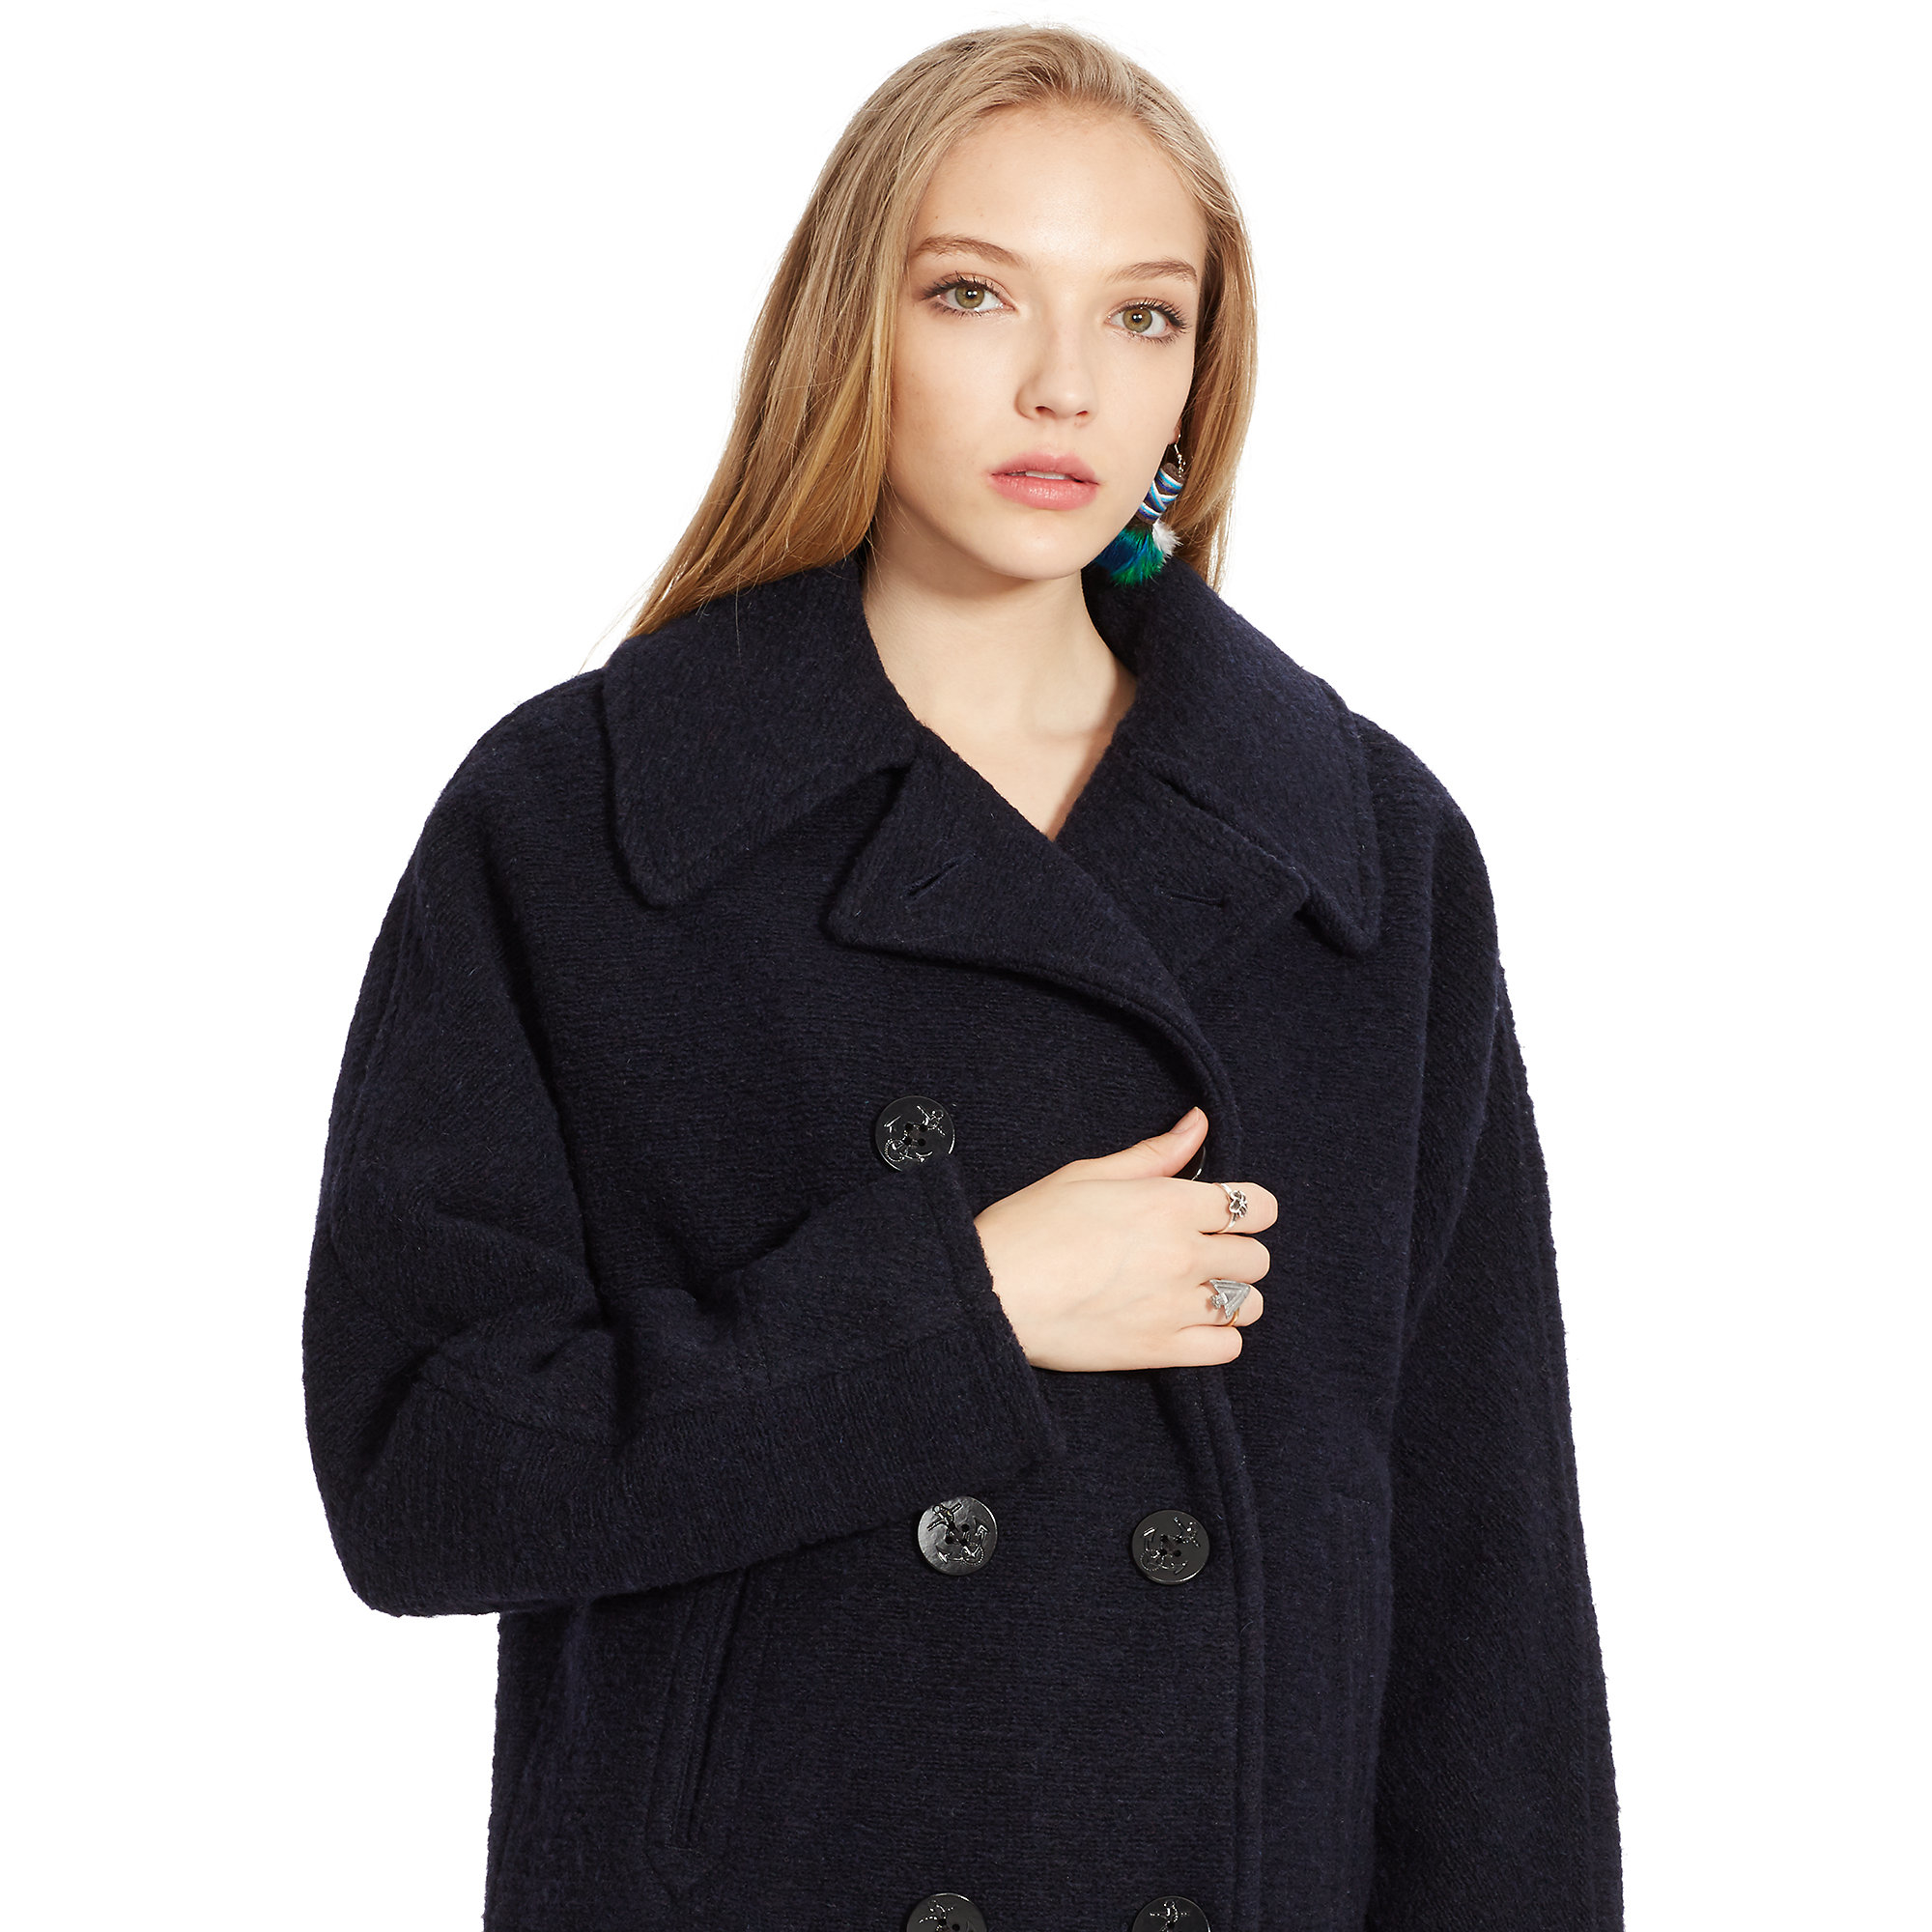 Navy pea coats for women